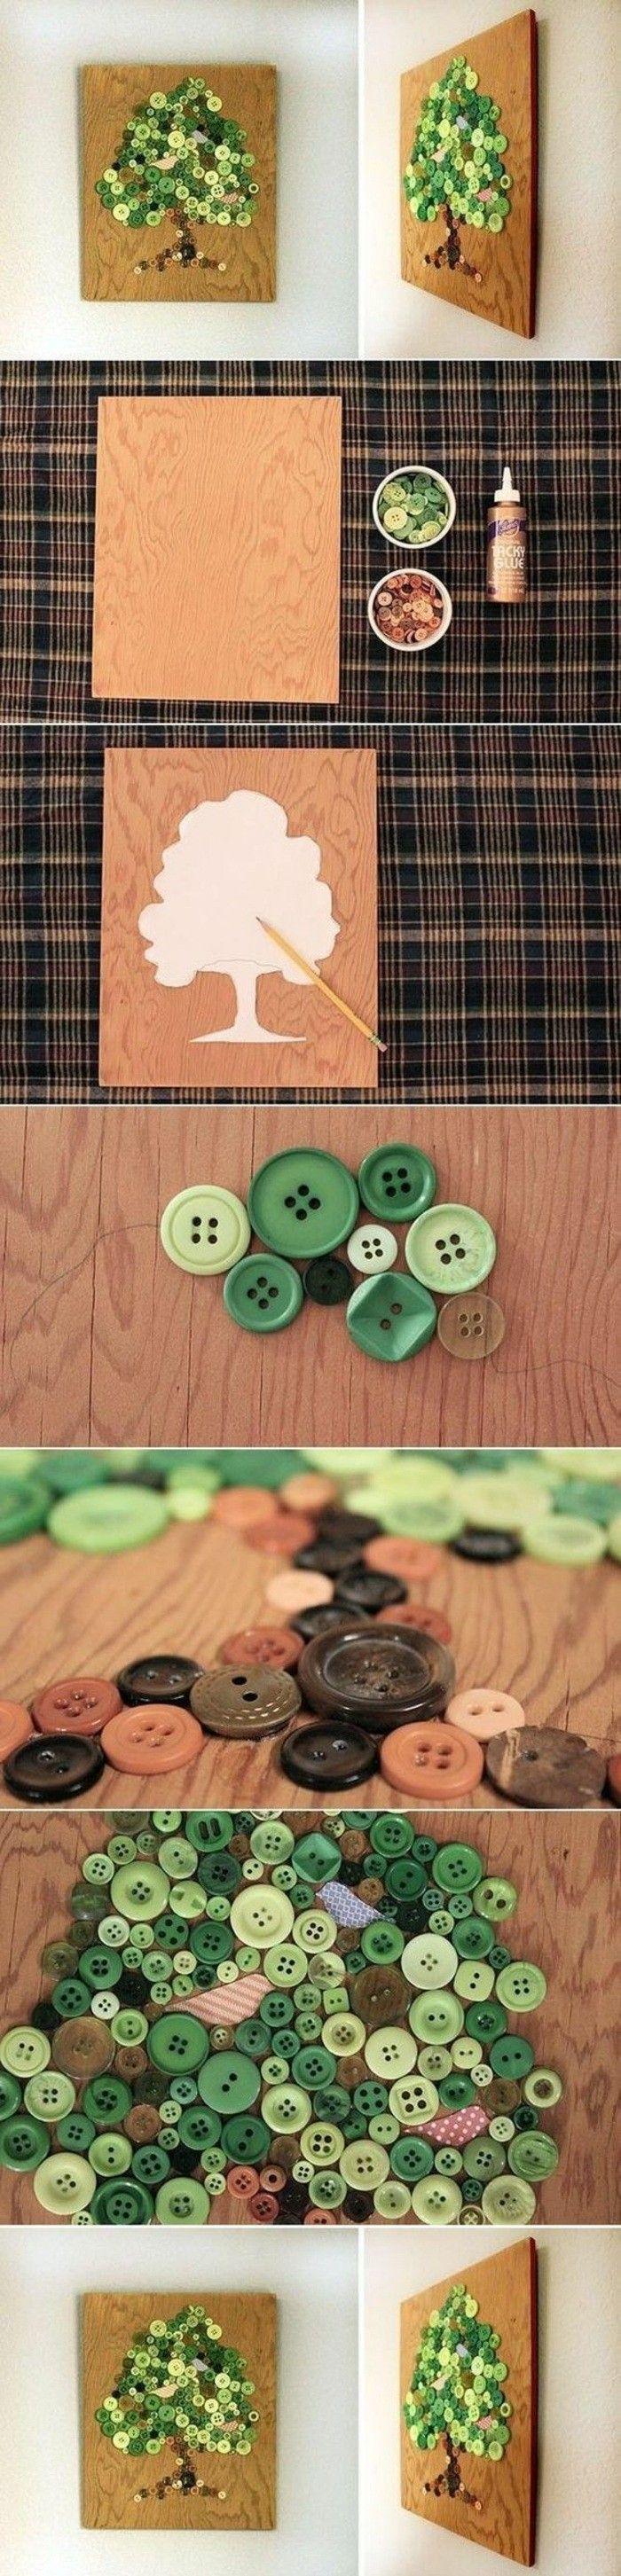 herbstdeko tisch oder wand, diy deko, basteln für erwachsene, viele knöpfe in verschiedene größen und nuancen des grünen